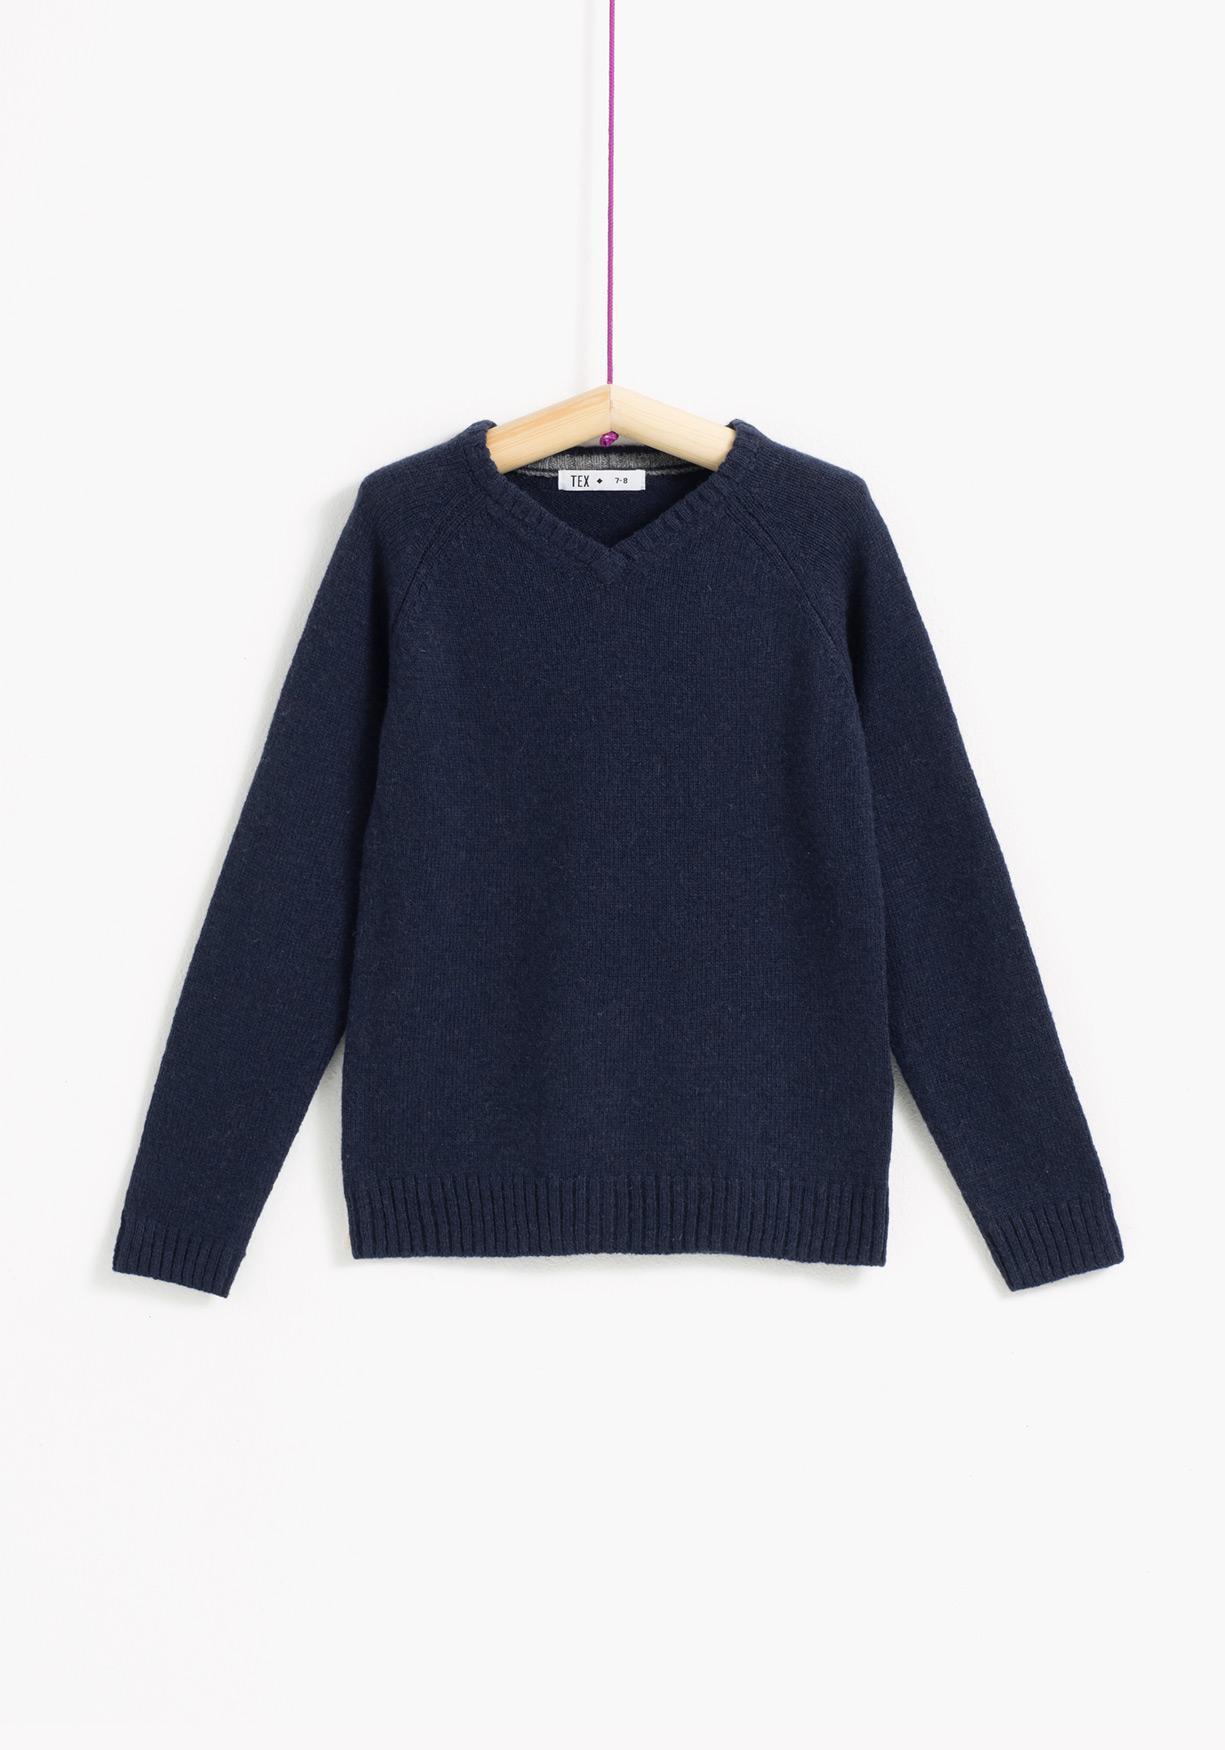 Comprar Jersey de lana TEX. ¡Aprovéchate de nuestros precios y ... 27fbc696e2fa